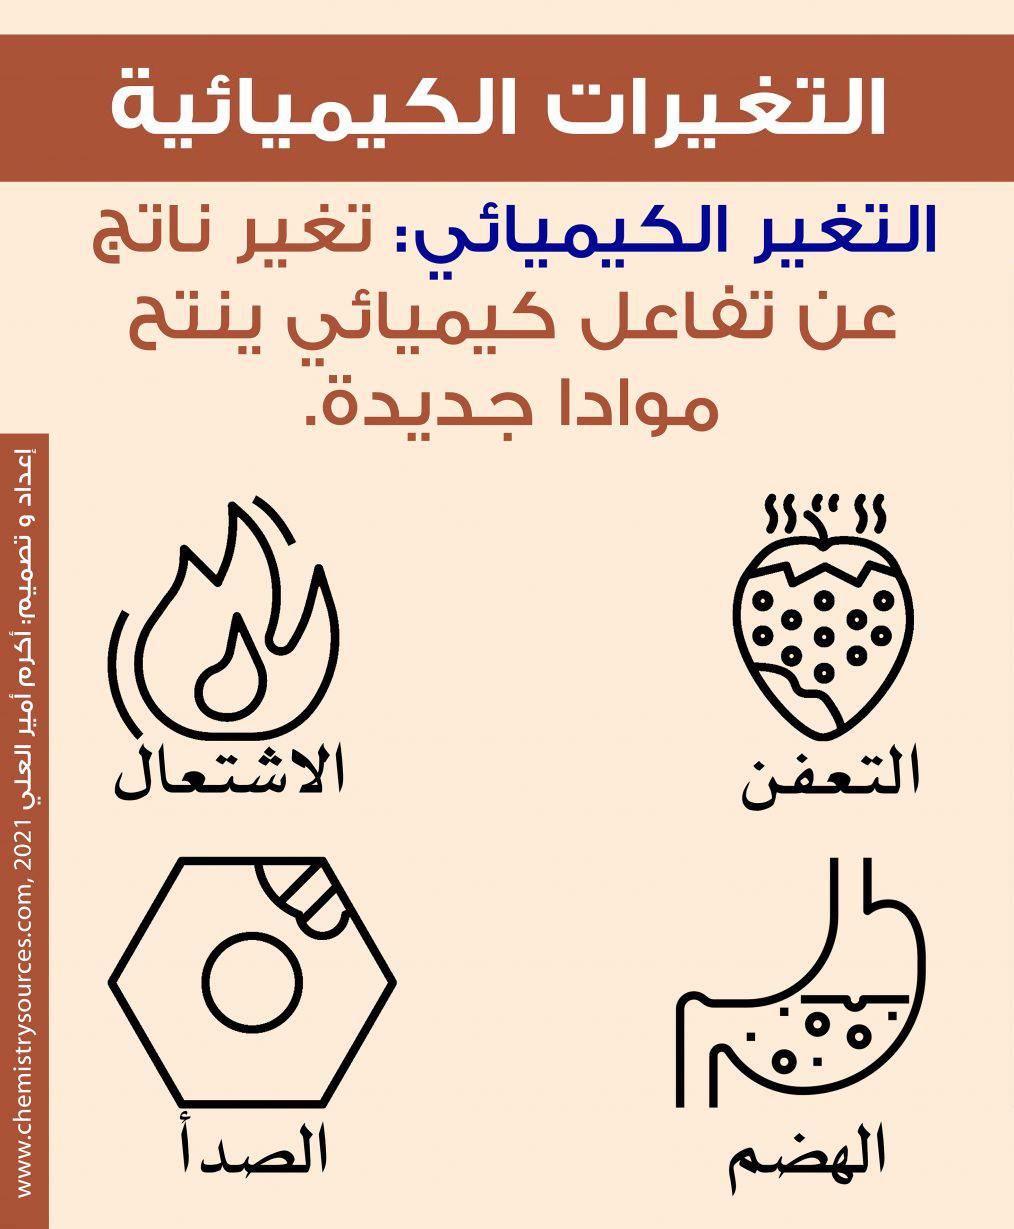 التغيير الكيميائي Chemical changes